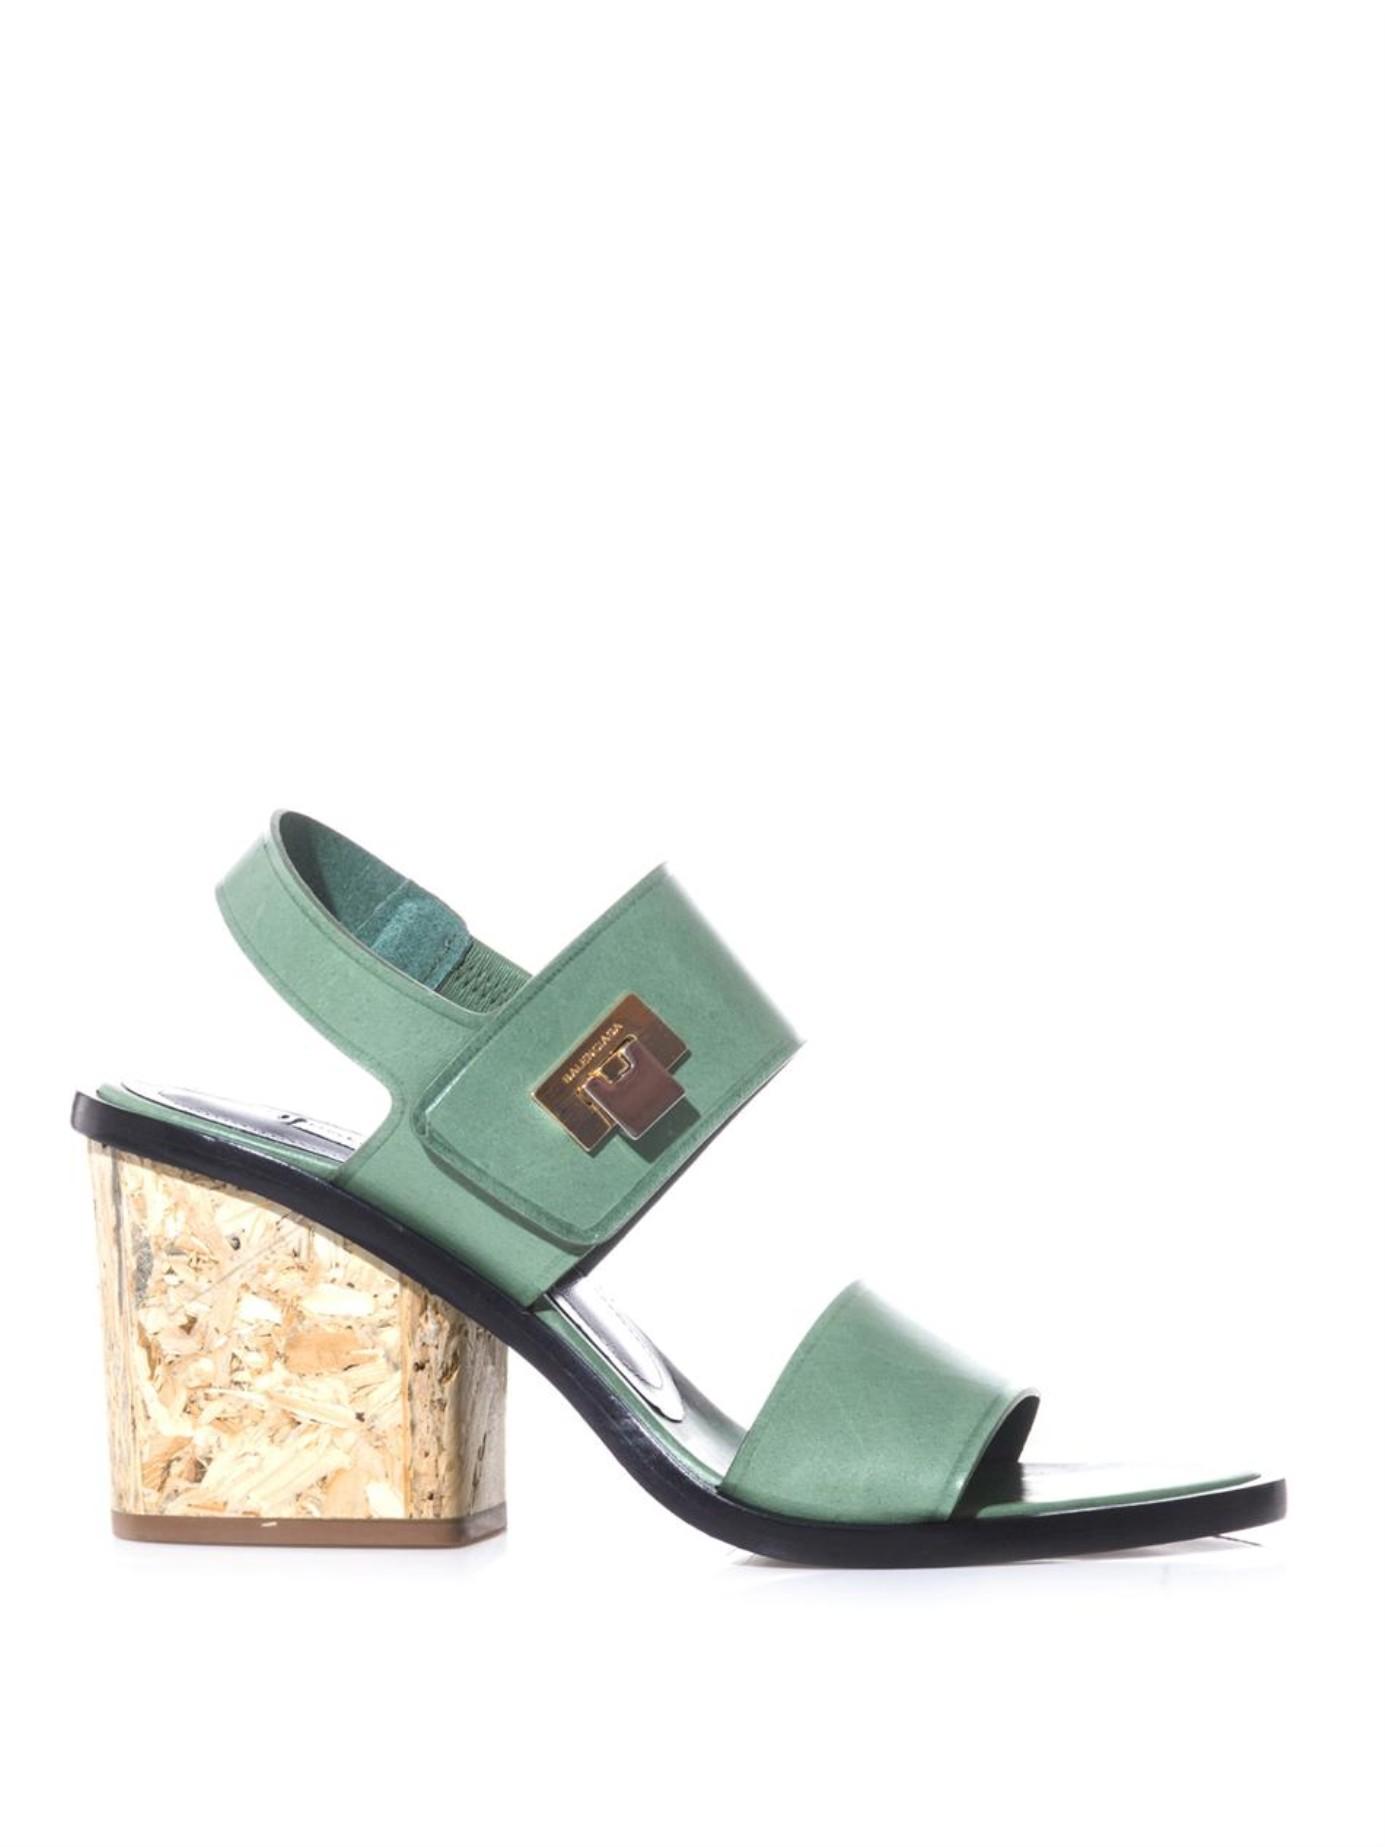 0a6c599bb0b balenciaga-green-le-dix-block-heel-sandals-product-4-059078425-normal.jpeg